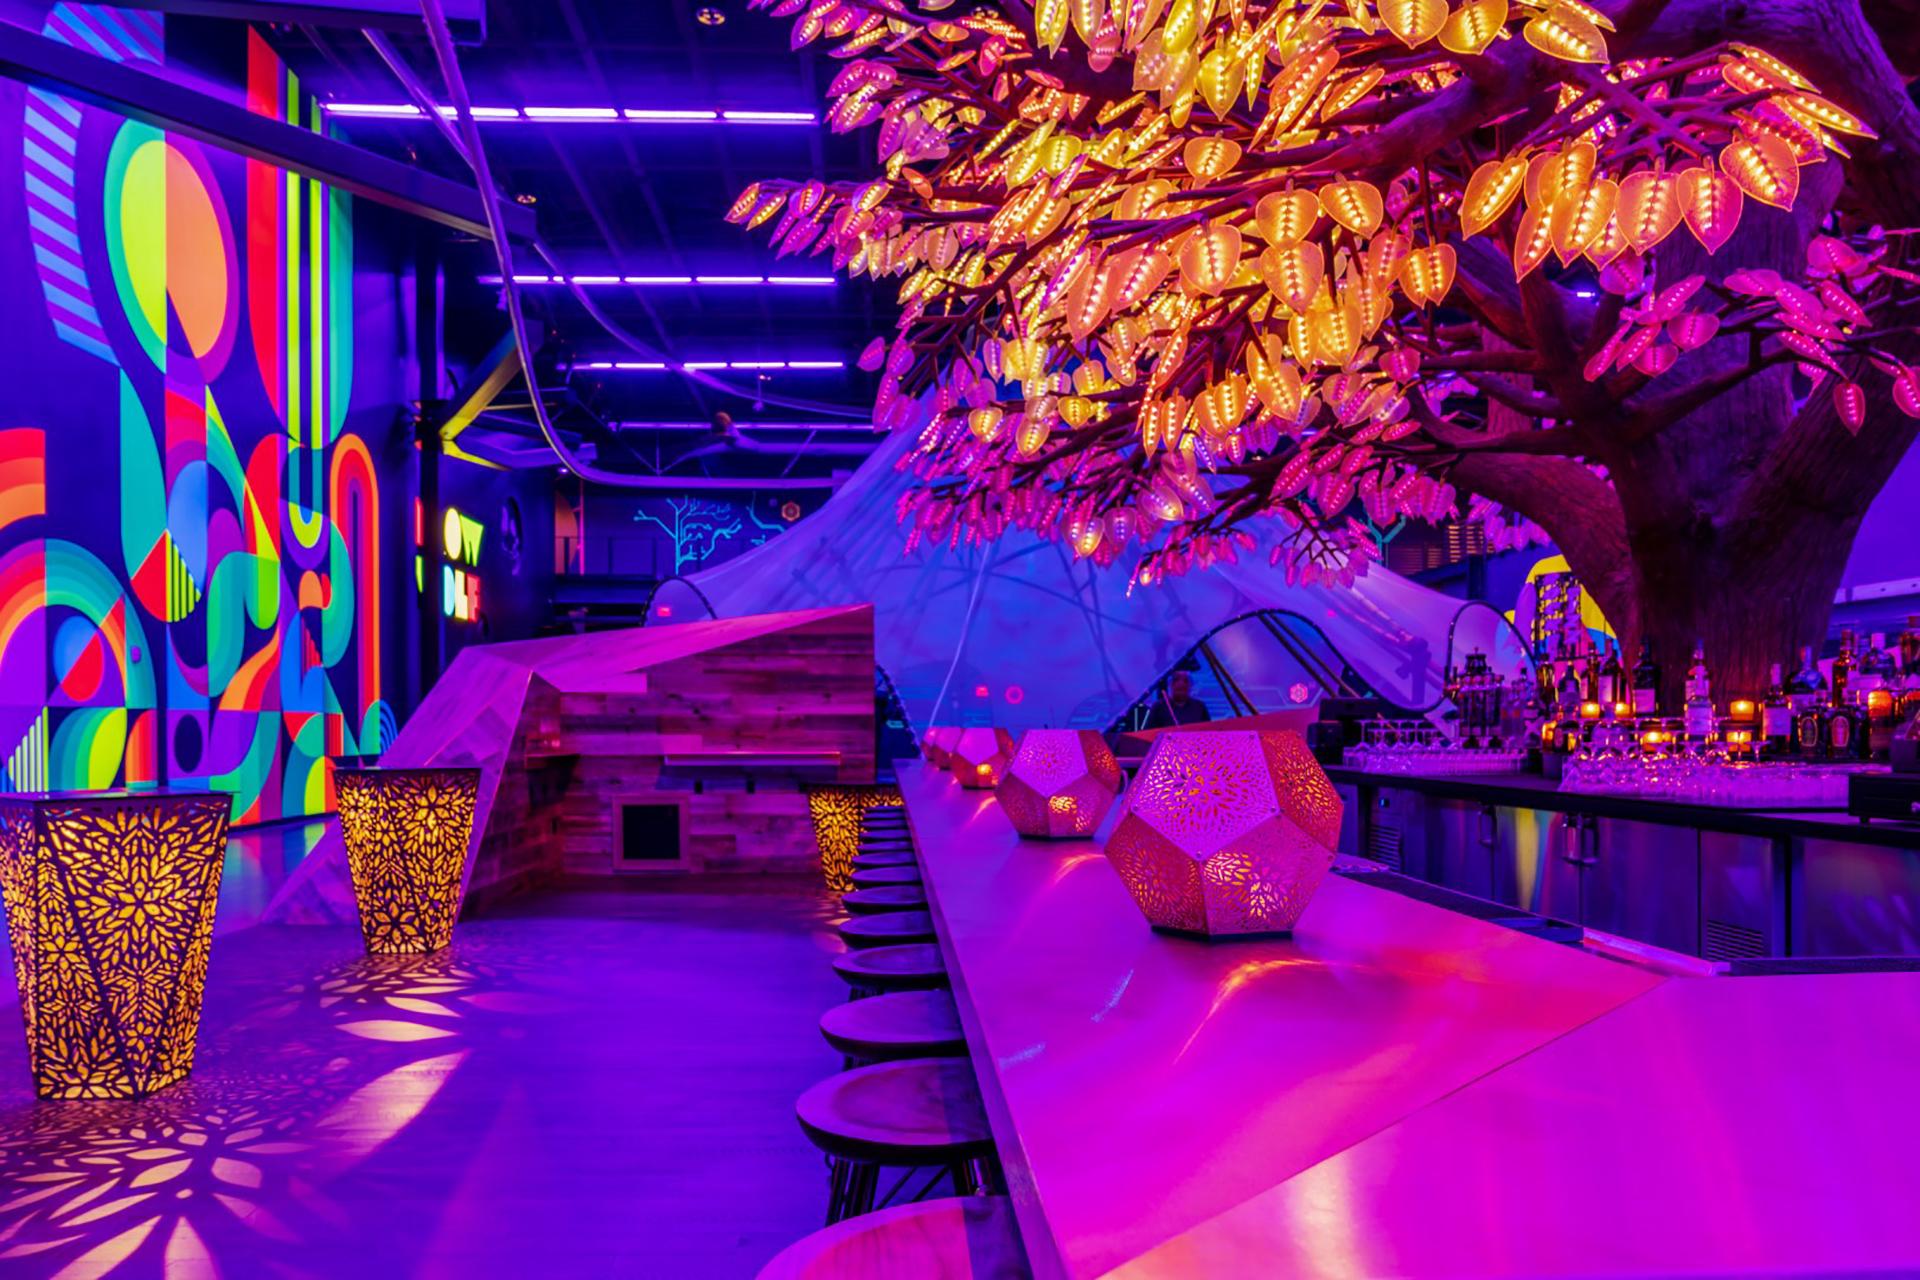 A neon lit bar